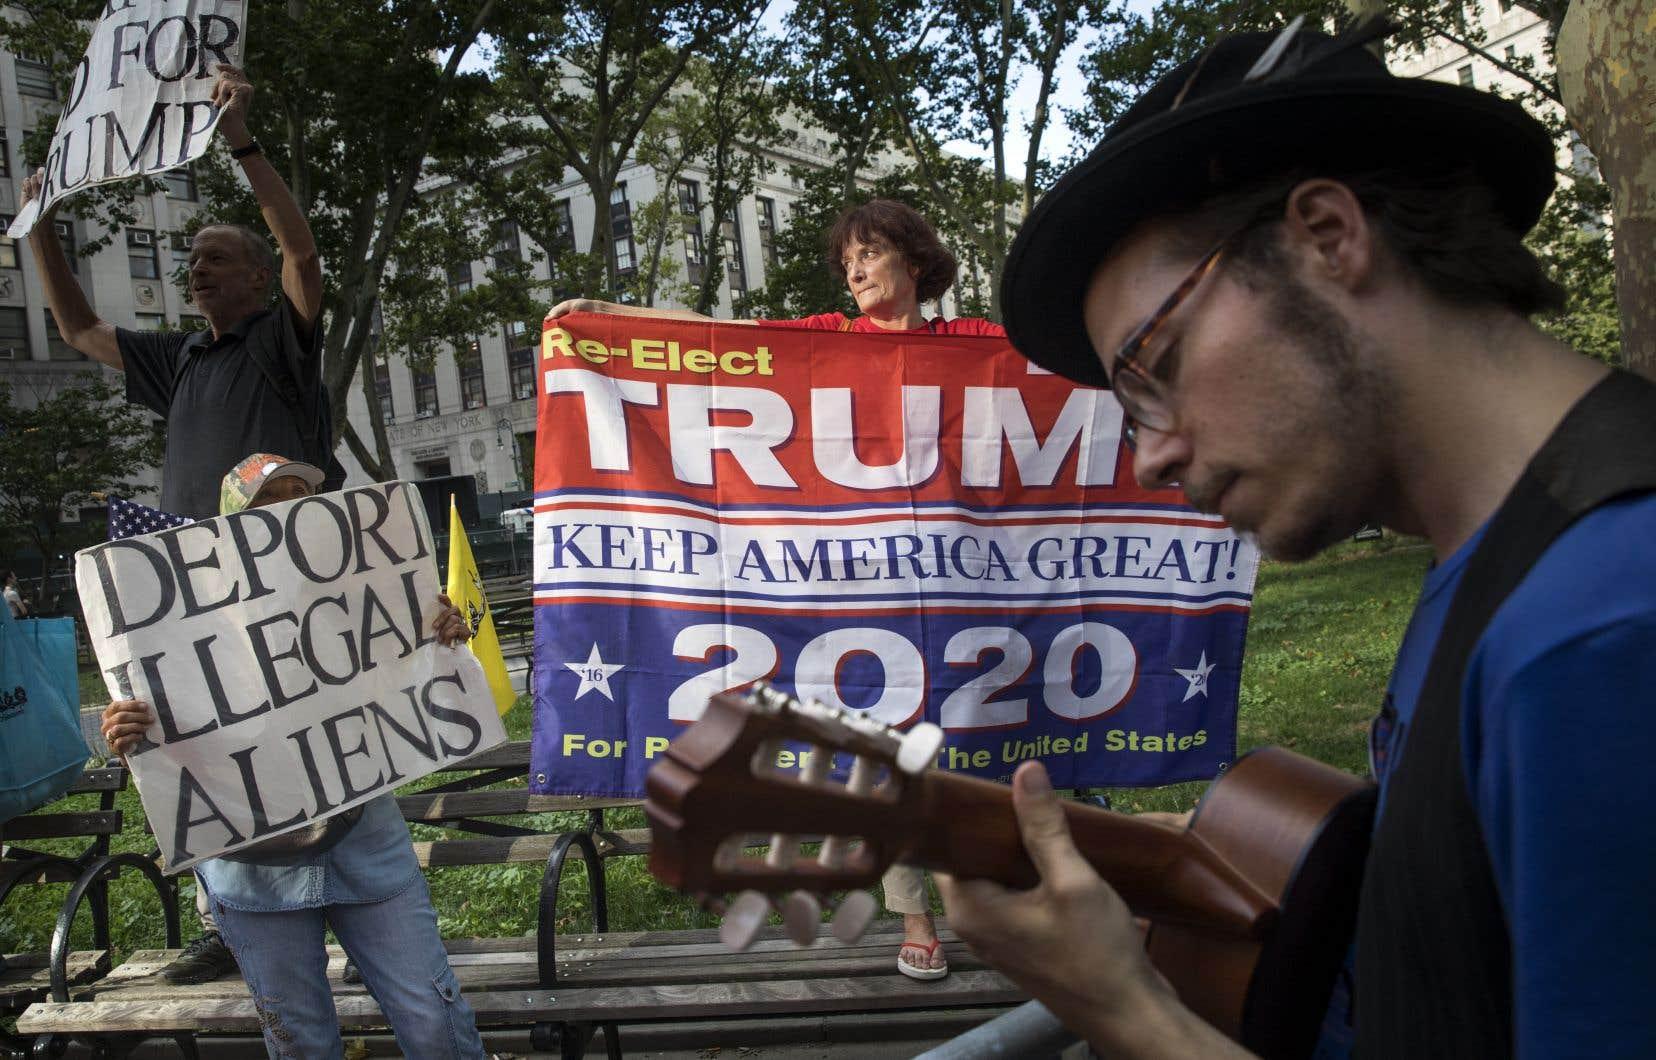 Des contre-manifestants qui soutiennent le président Donald Trump se sont invités à un rassemblement de militants protestant contre les politiques d'immigration du gouvernement Trump, le 26 juillet dernier à New York.